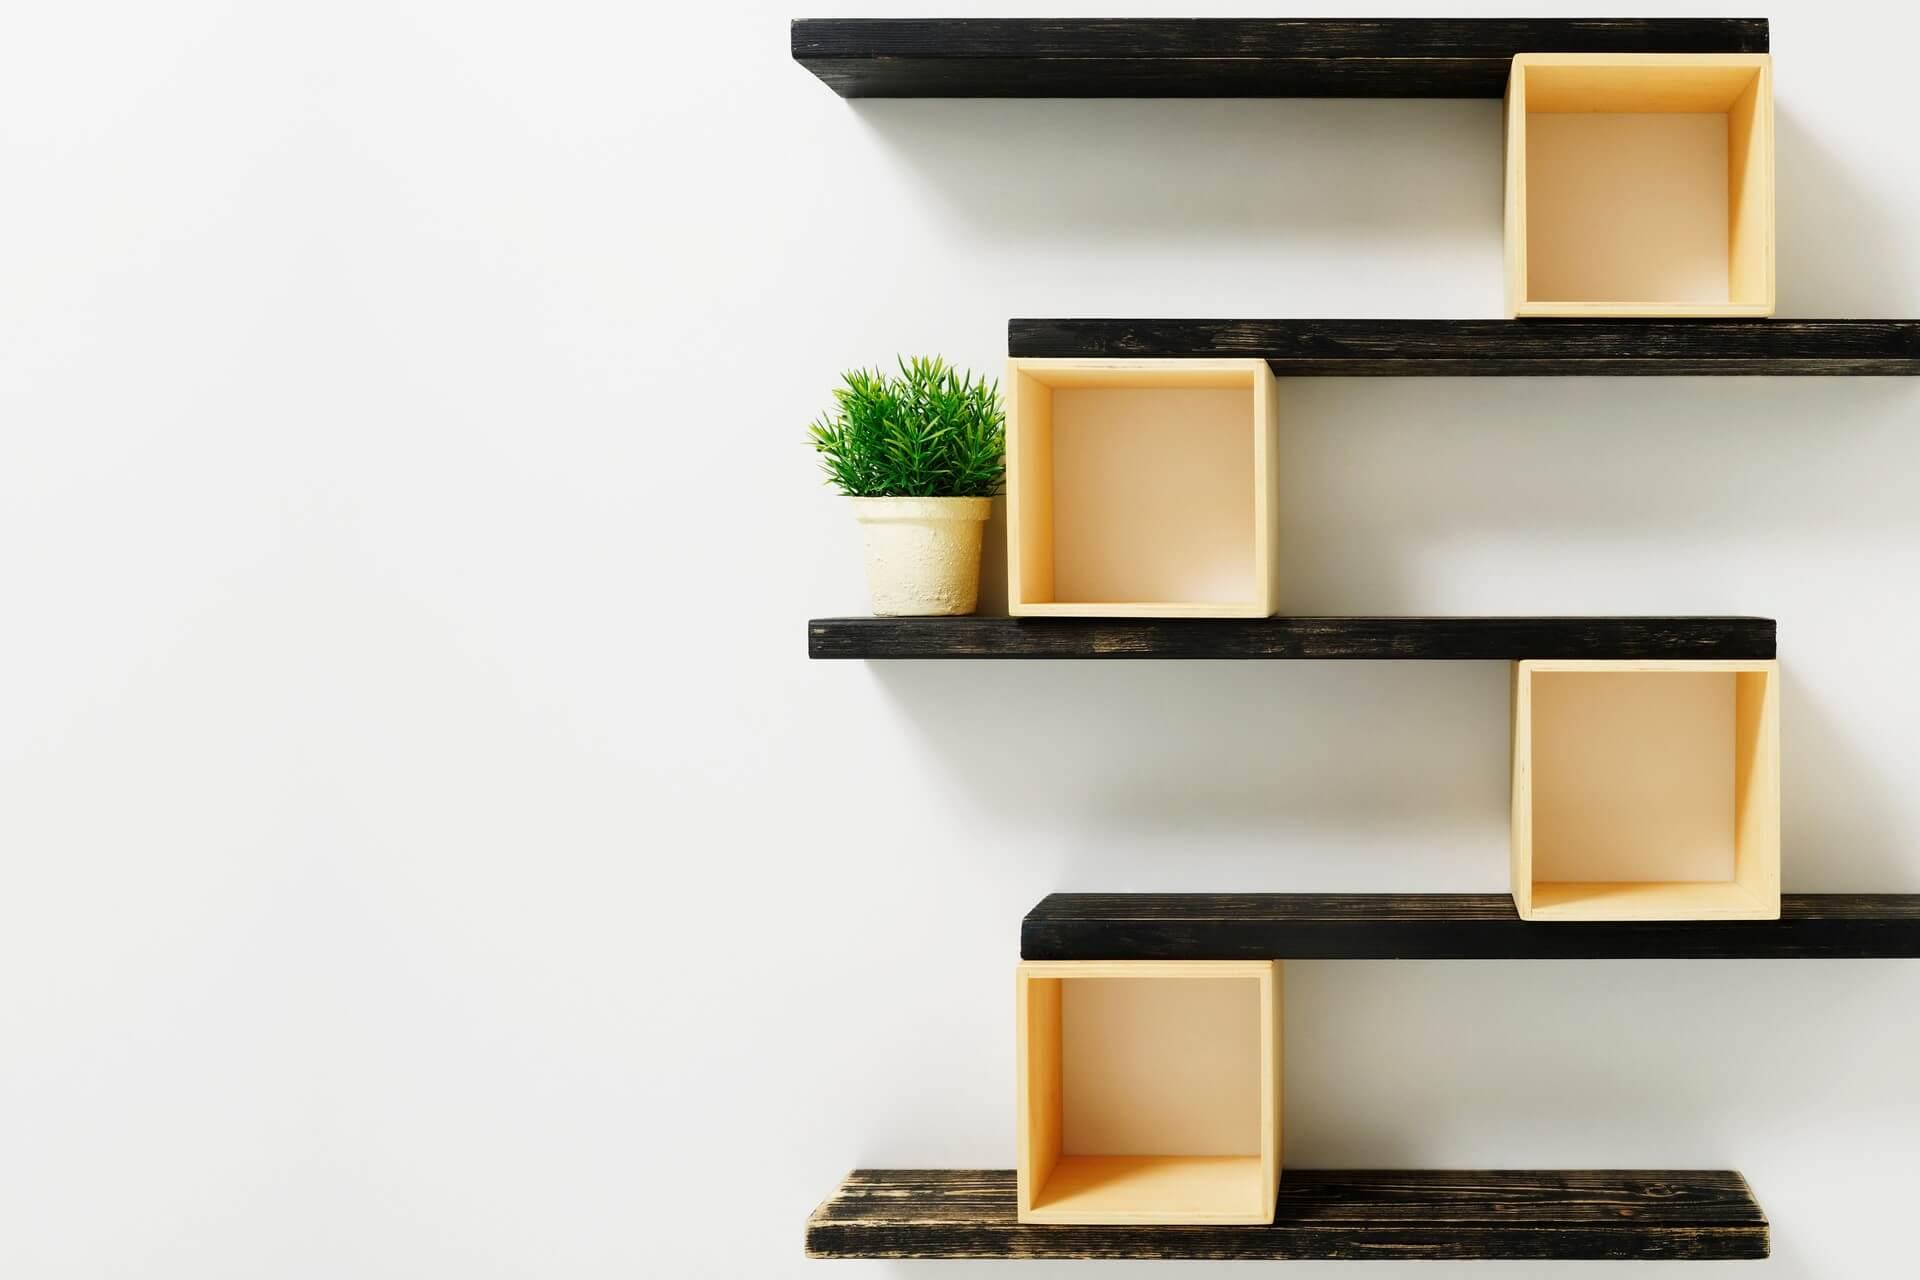 Quando si creano delle rientranze nei muri di casa e non si sa come riempirle, si può pensare di creare una sorta di libreria i cui ripiani sono formati da mensole montate ad incasso. Come Costruire Delle Mensole In Legno A Proposito Di Legno